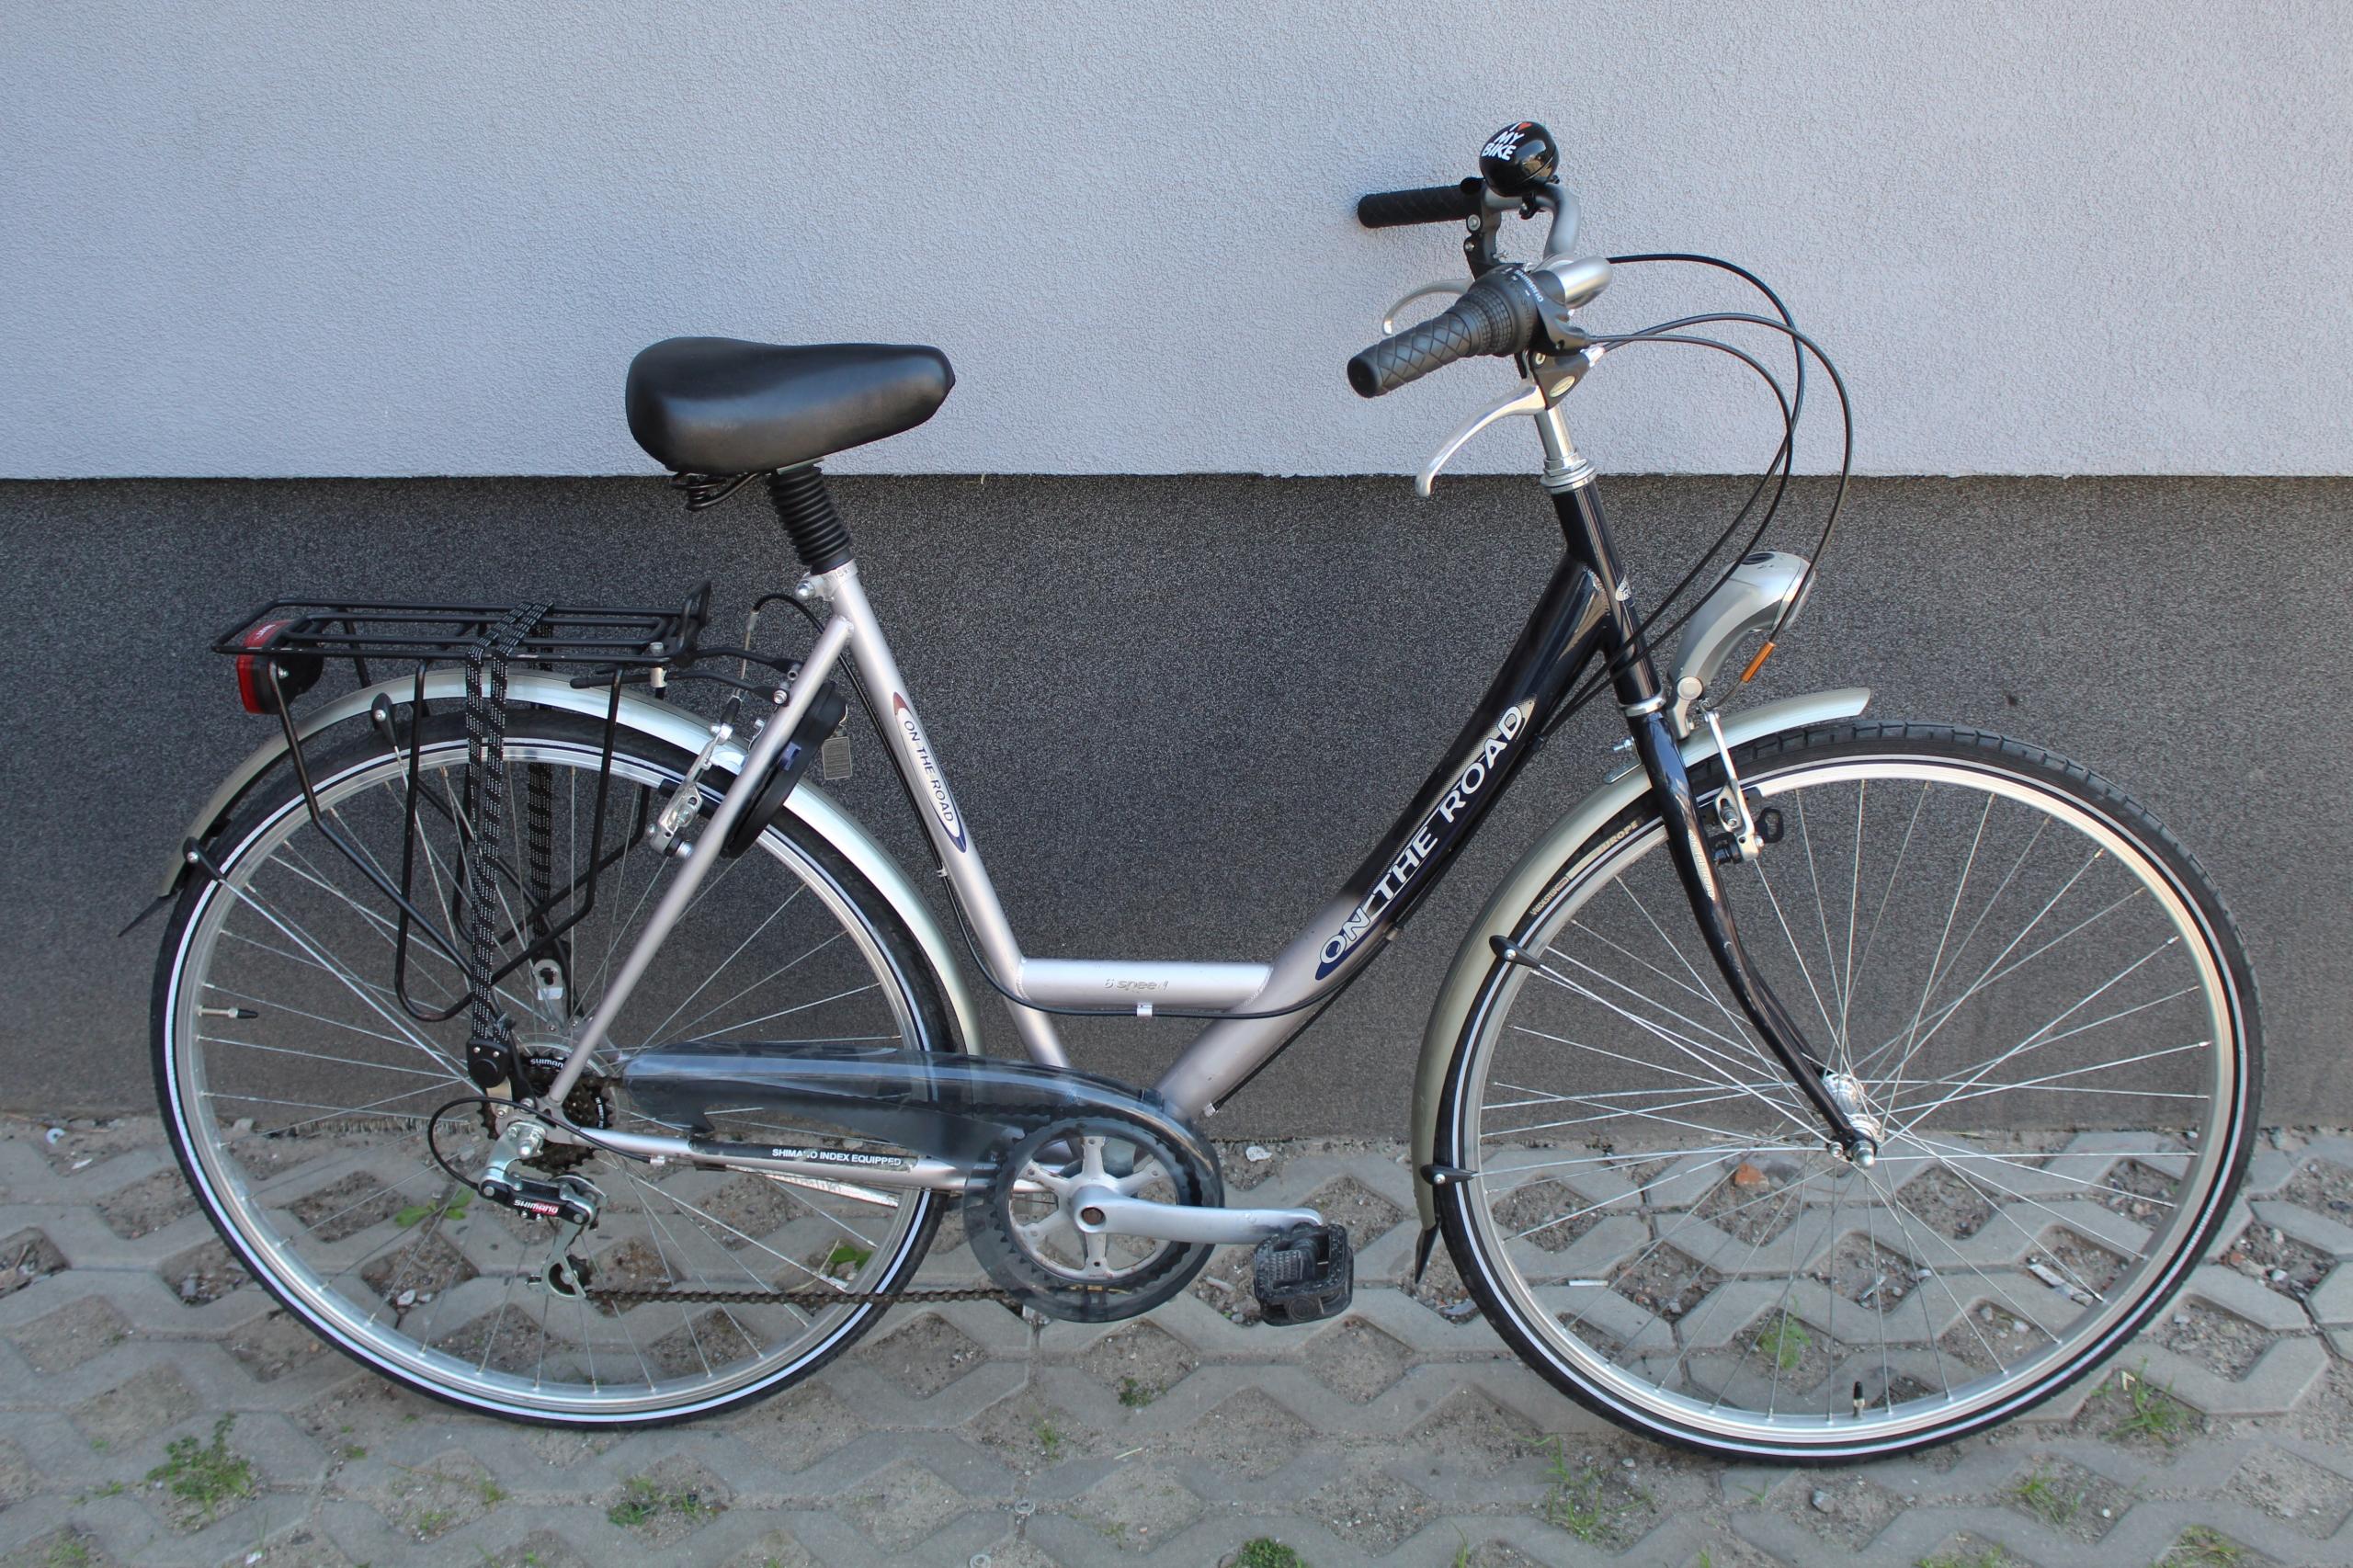 Rower miejski ON THE ROAD, 55 cm, 28, Alu 6 biegów